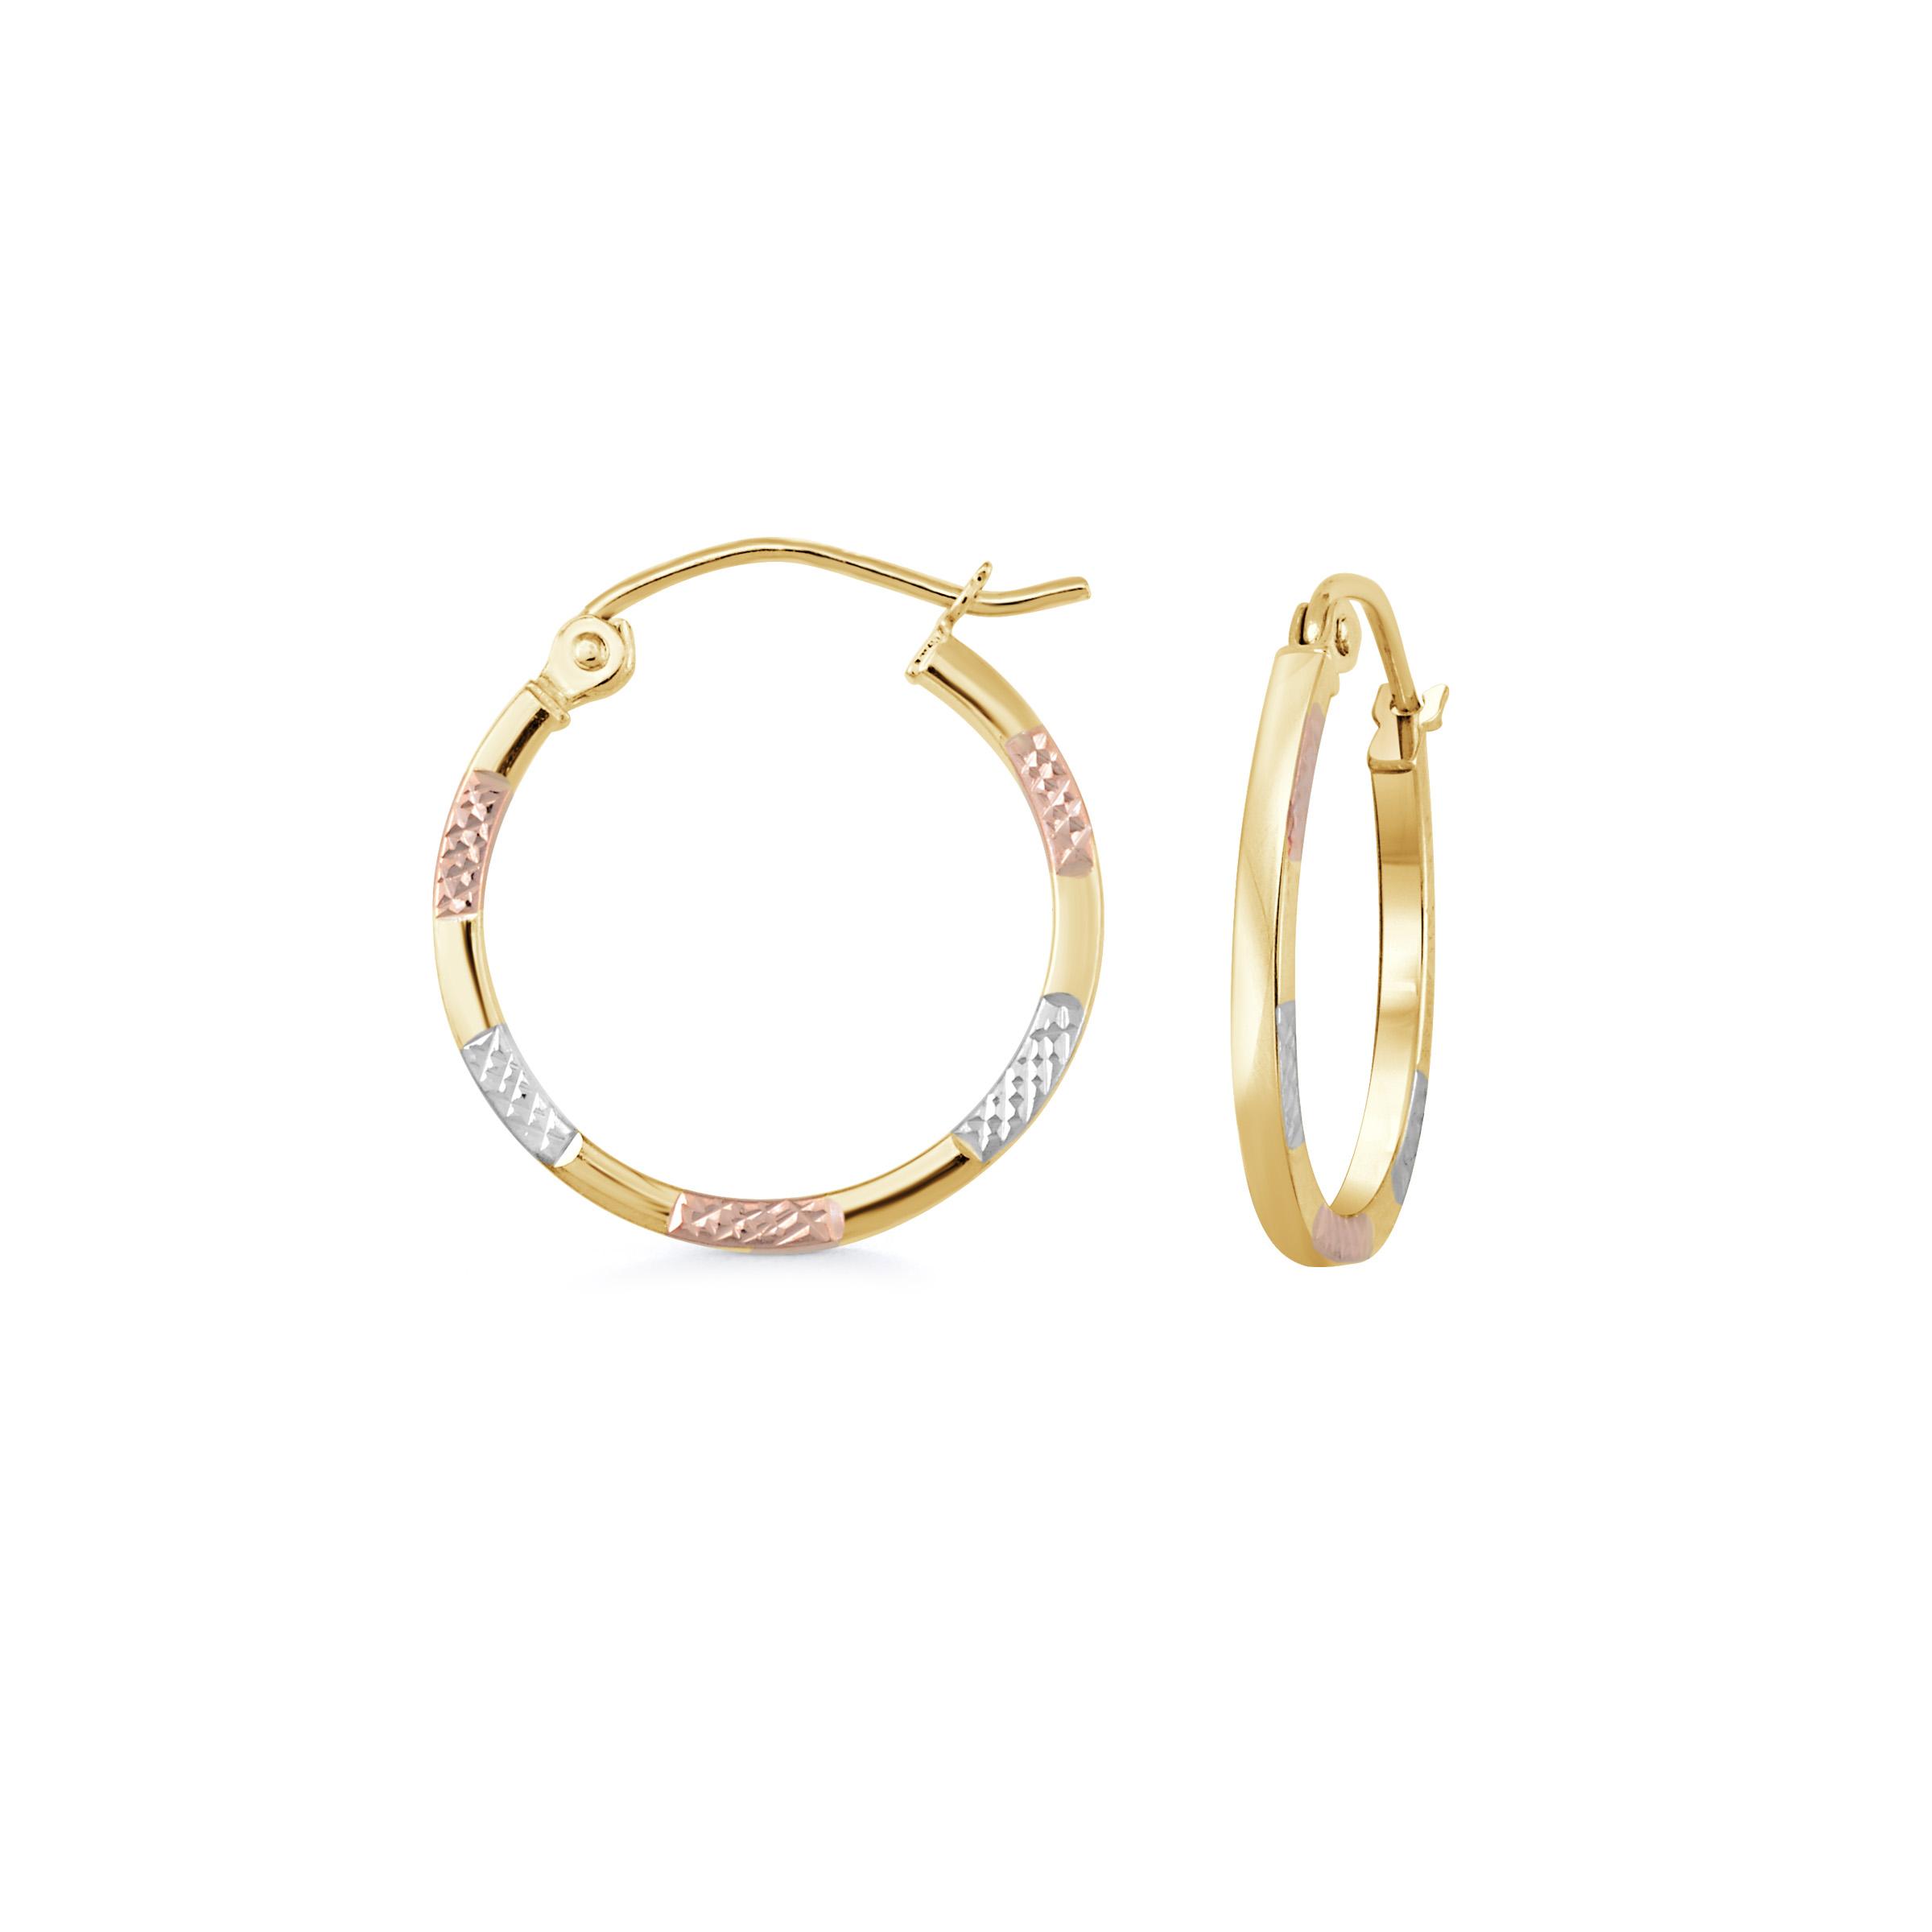 Boucles d'oreilles anneaux - Or 3-tons 10K (jaune blanc et rose)